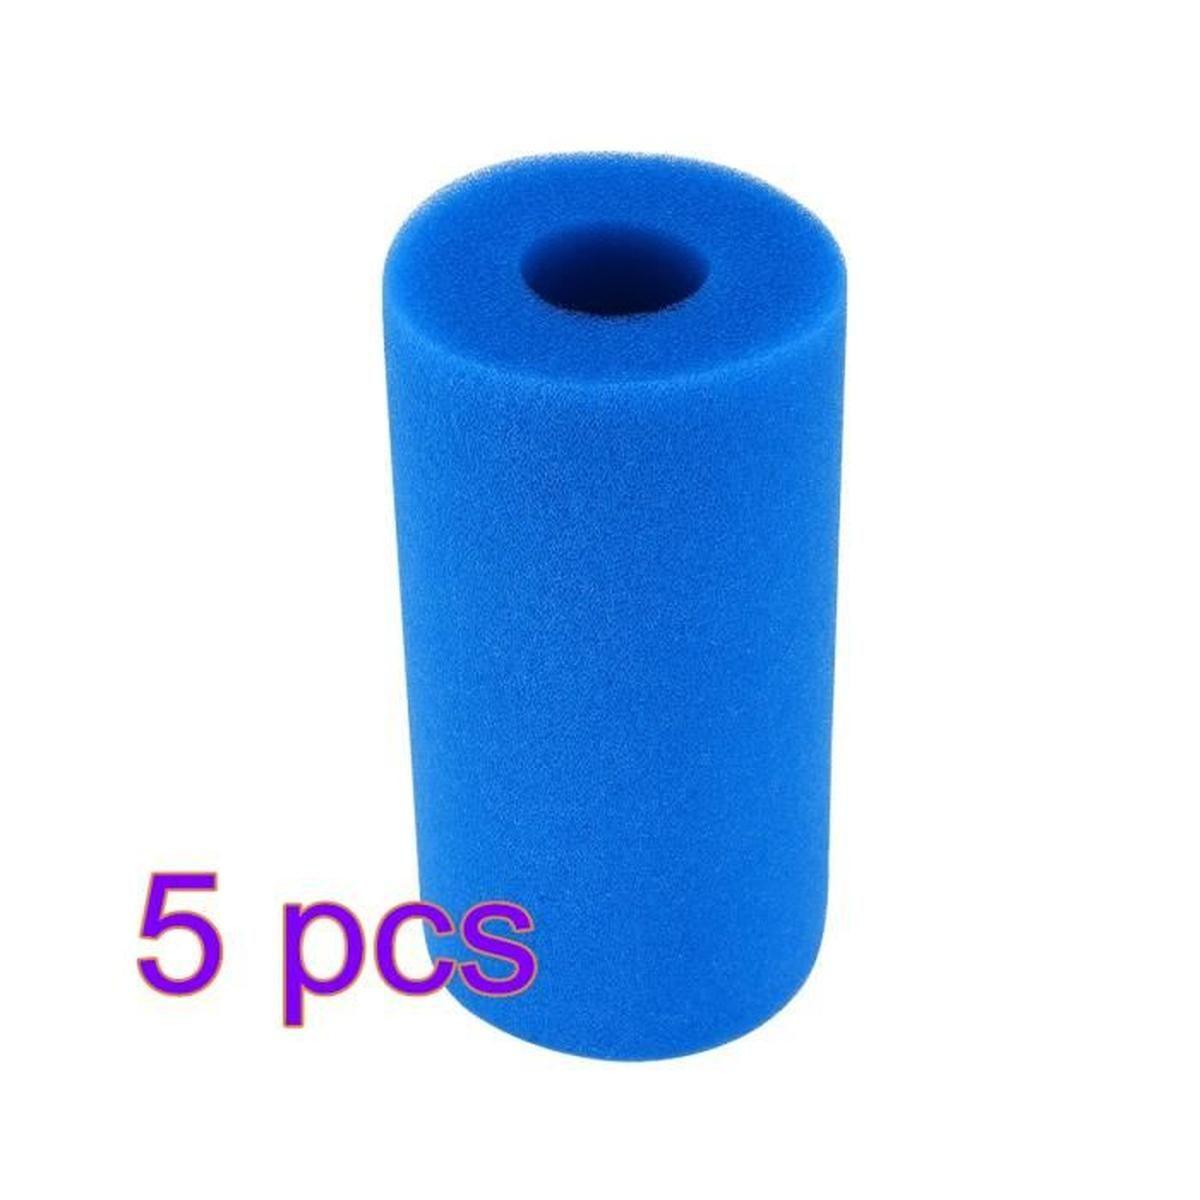 5Pcs Filtre À Eau De Piscine Intex Type A Filtre De Piscine Lavable  Réutilisable Éponge De Cartouche De Mousse serapportantà Pompe Pour Piscine Intex